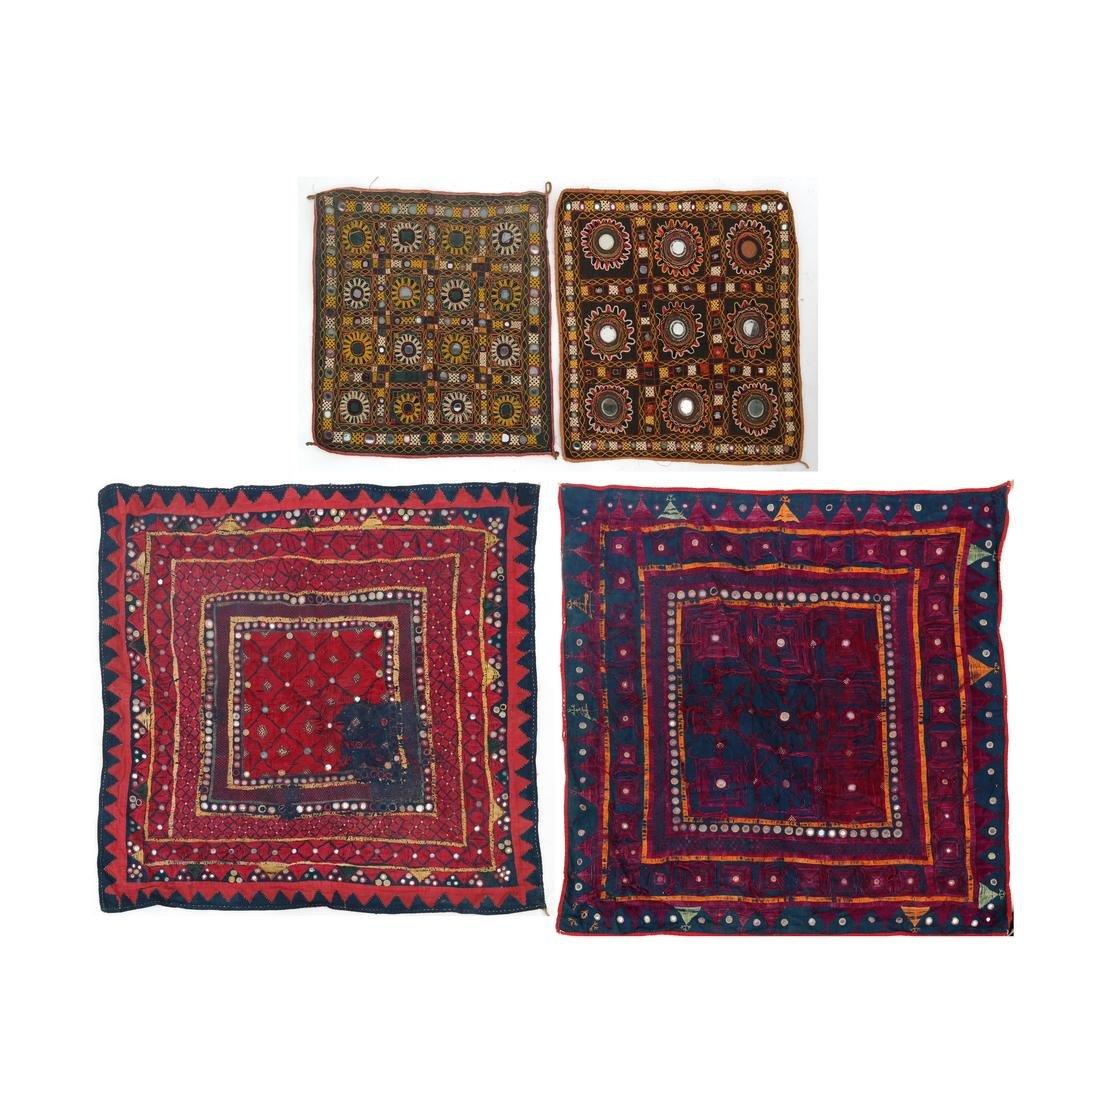 Four Antique Indian Banjara Mirrored Textile Panels